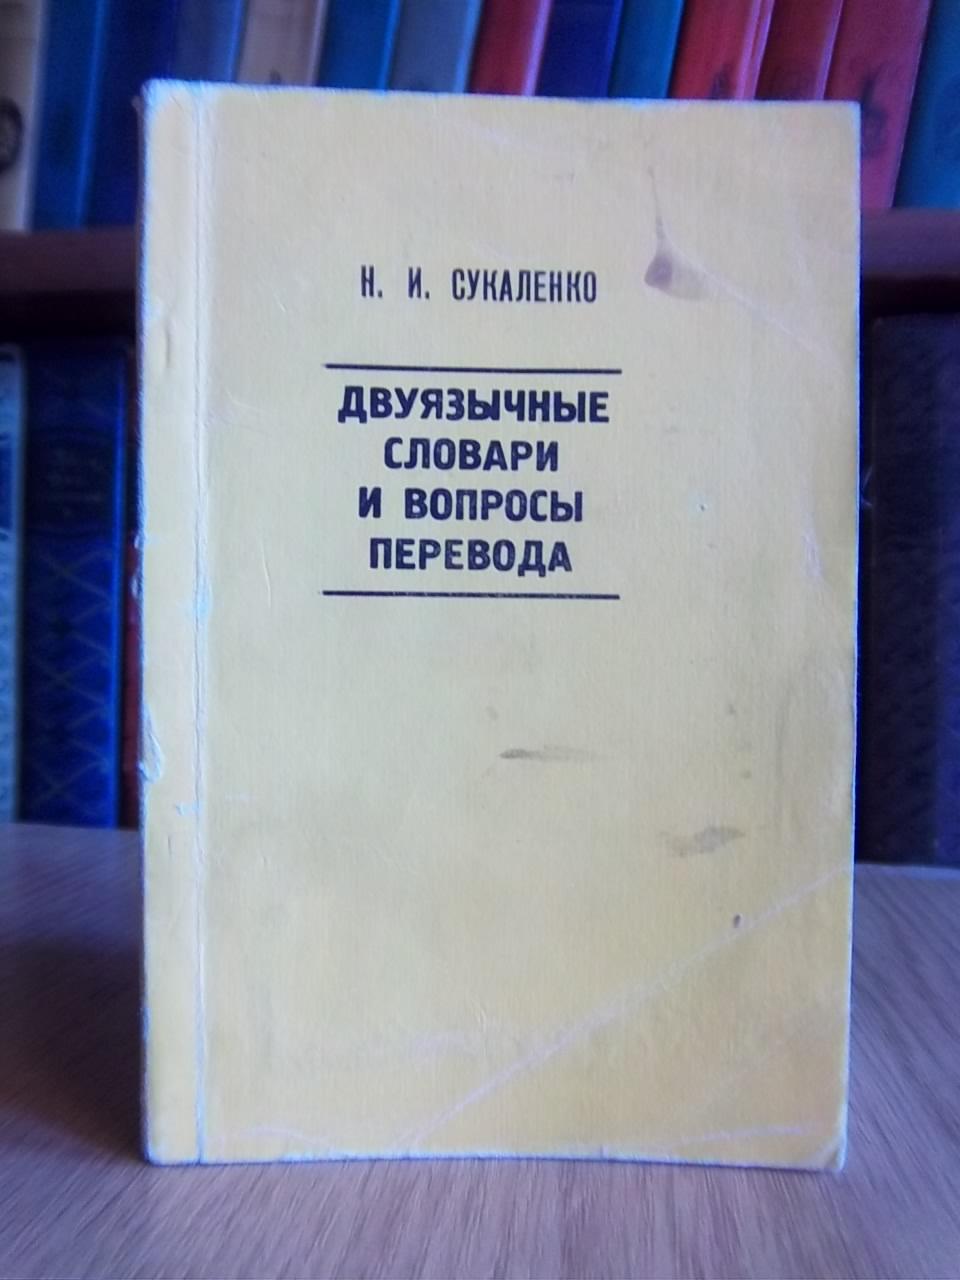 Двуязычные словари и вопросы перевода 1976